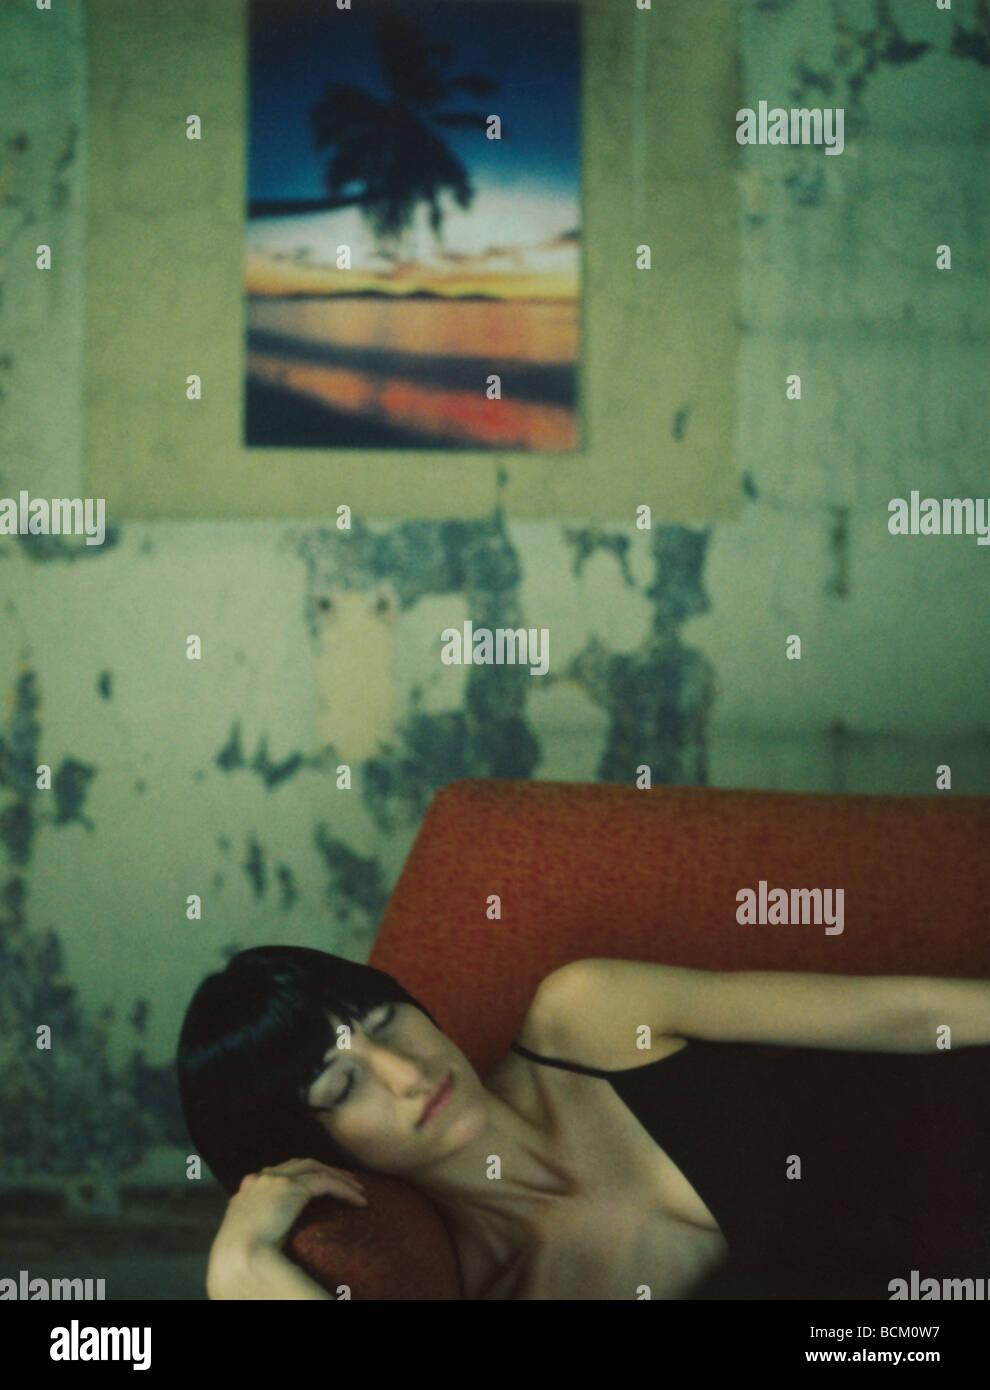 Mujer tumbado en el sofá con los ojos cerrados, fotografía en color en la pared de fondo Imagen De Stock